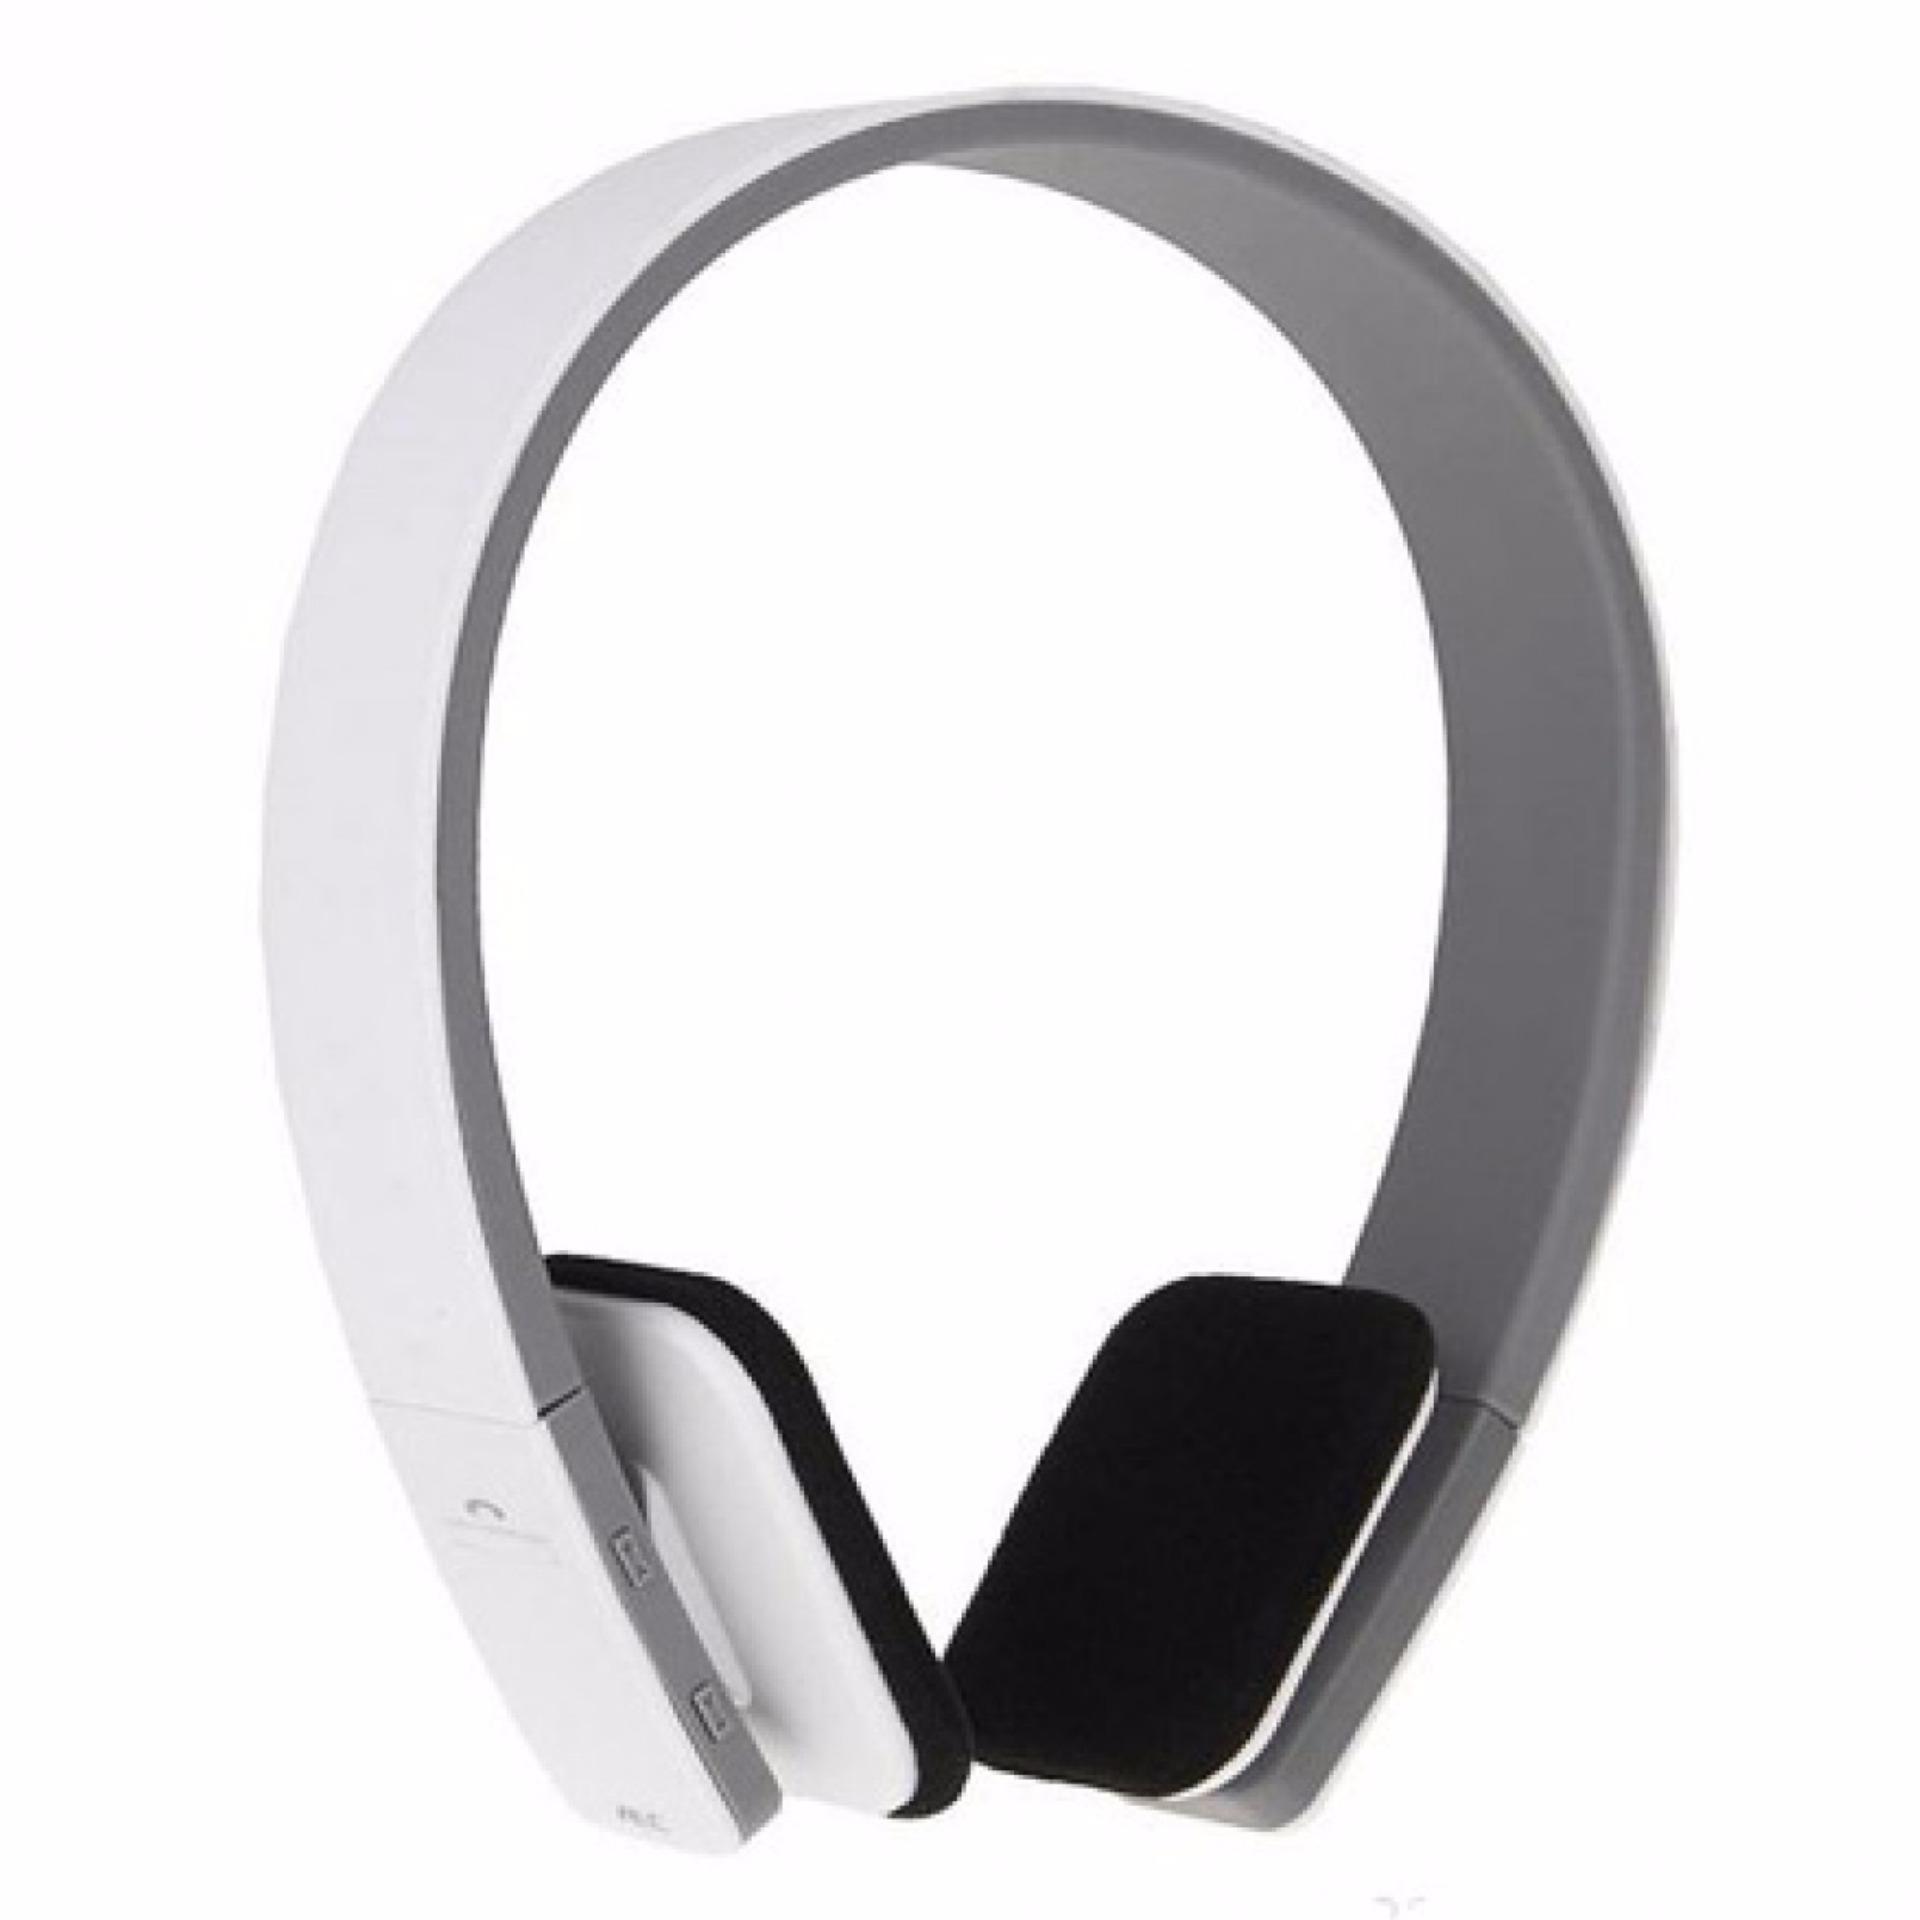 Aec Philippines - Aec Headphones for sale - prices   reviews  c0bcaea42f